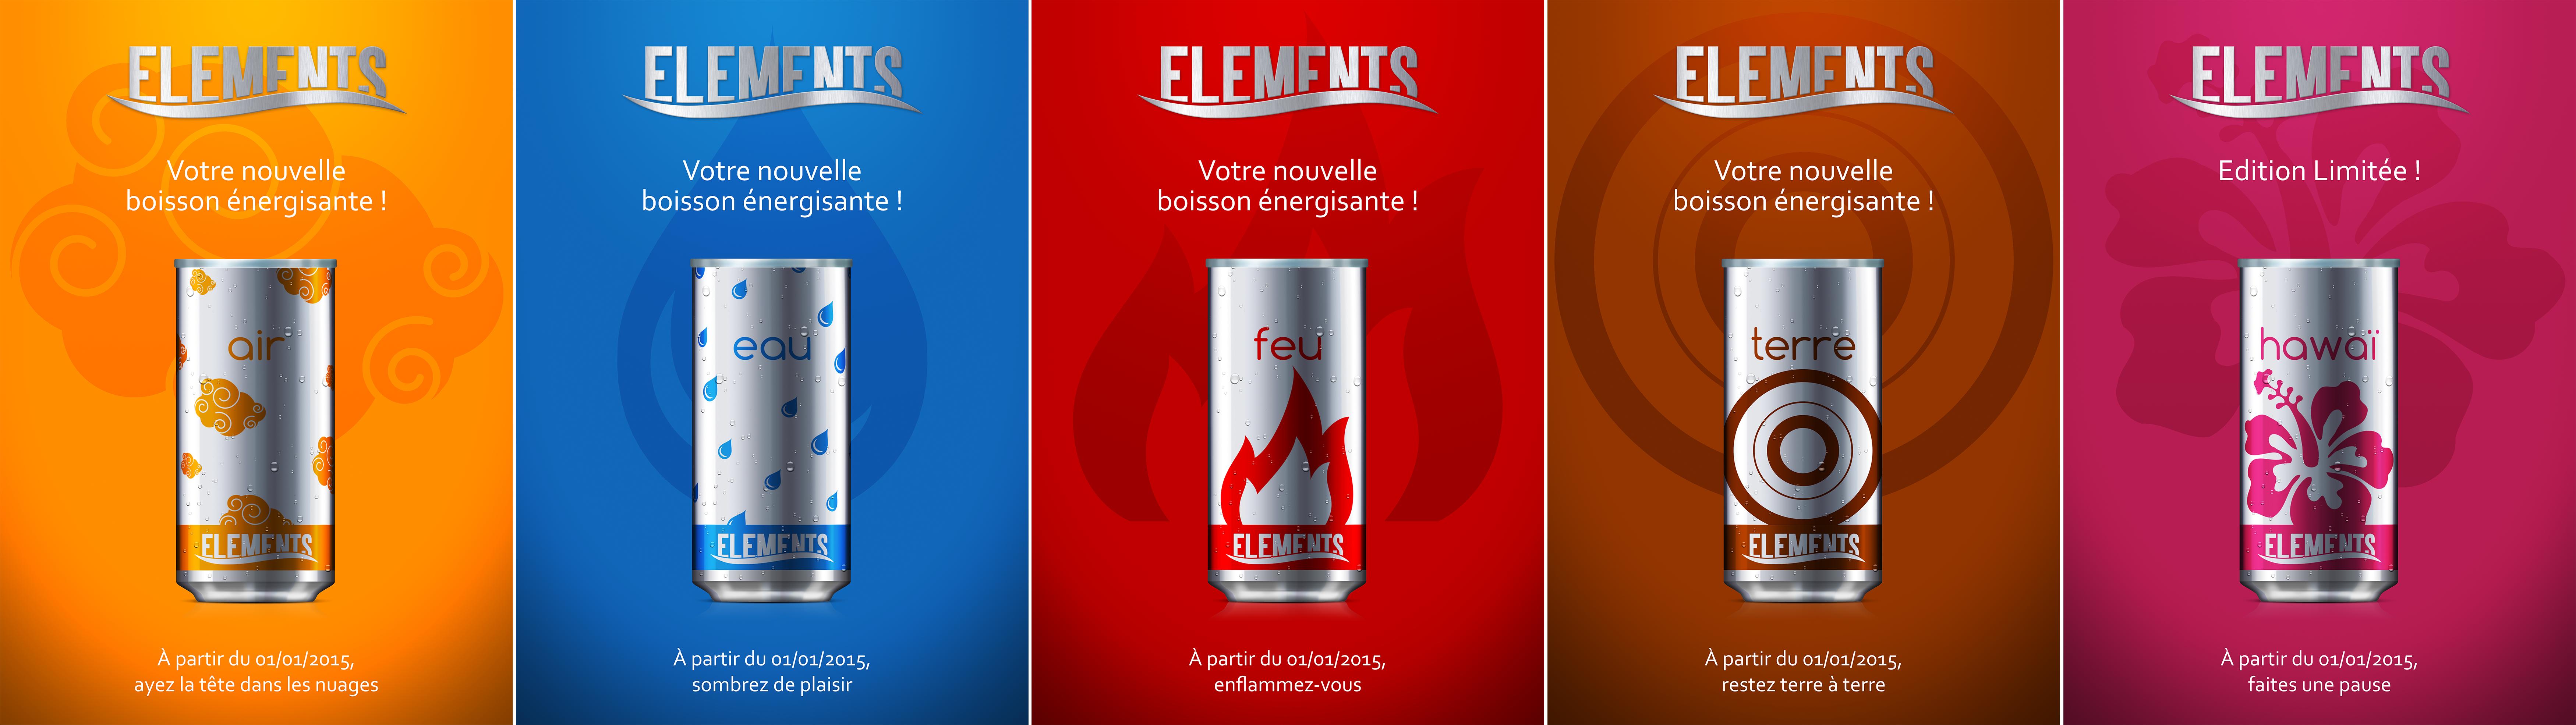 Ensemble des affiches exposant la gamme d'Elements ainsi que l'édition limitée